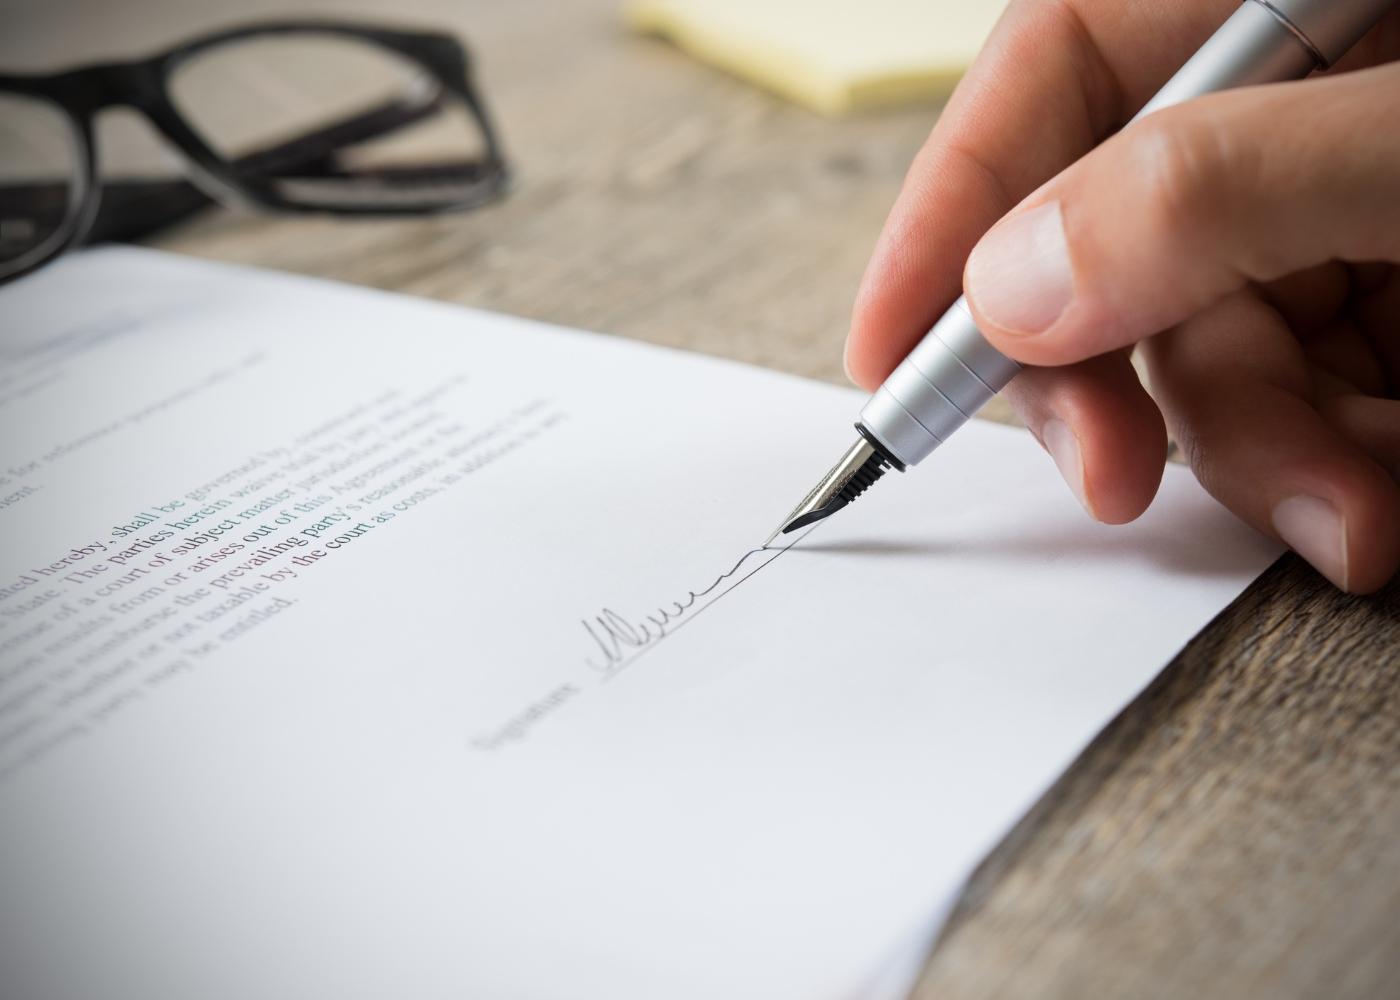 pessoa a assinar contrato de trabalho temporário